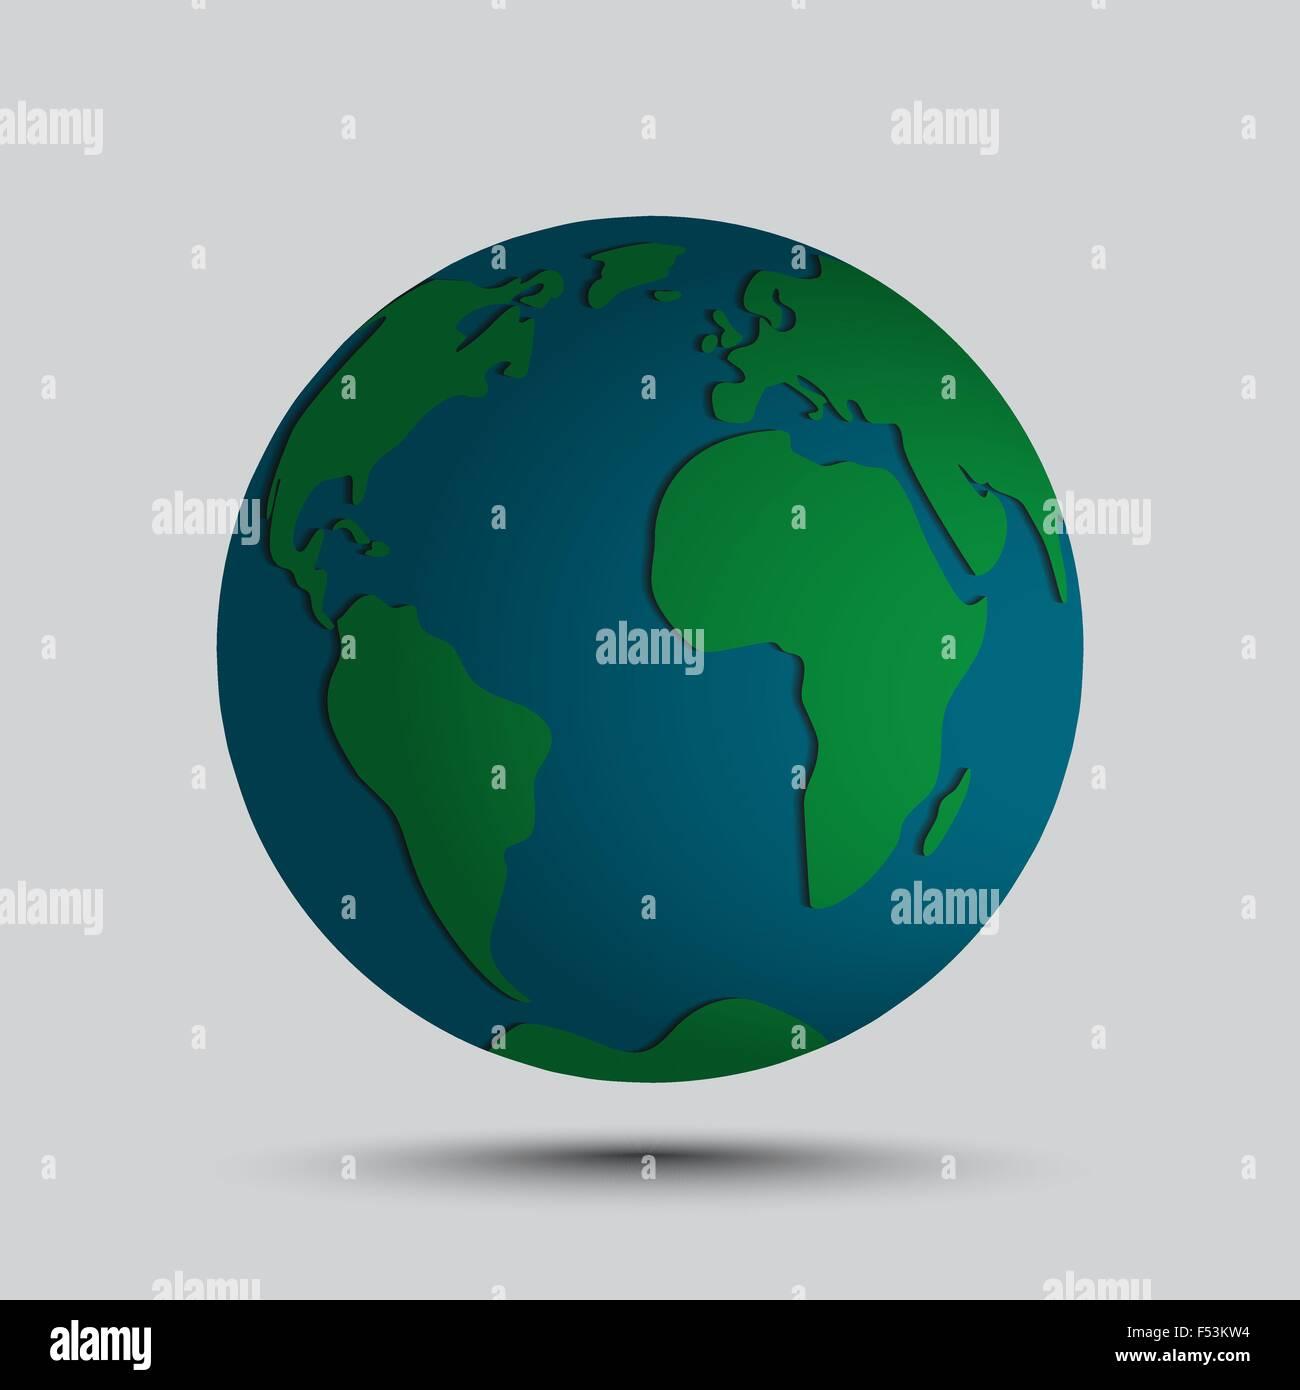 Vector simplificado mundo icono mapa en relieve con sencillez los continentes del mundo. Imagen De Stock